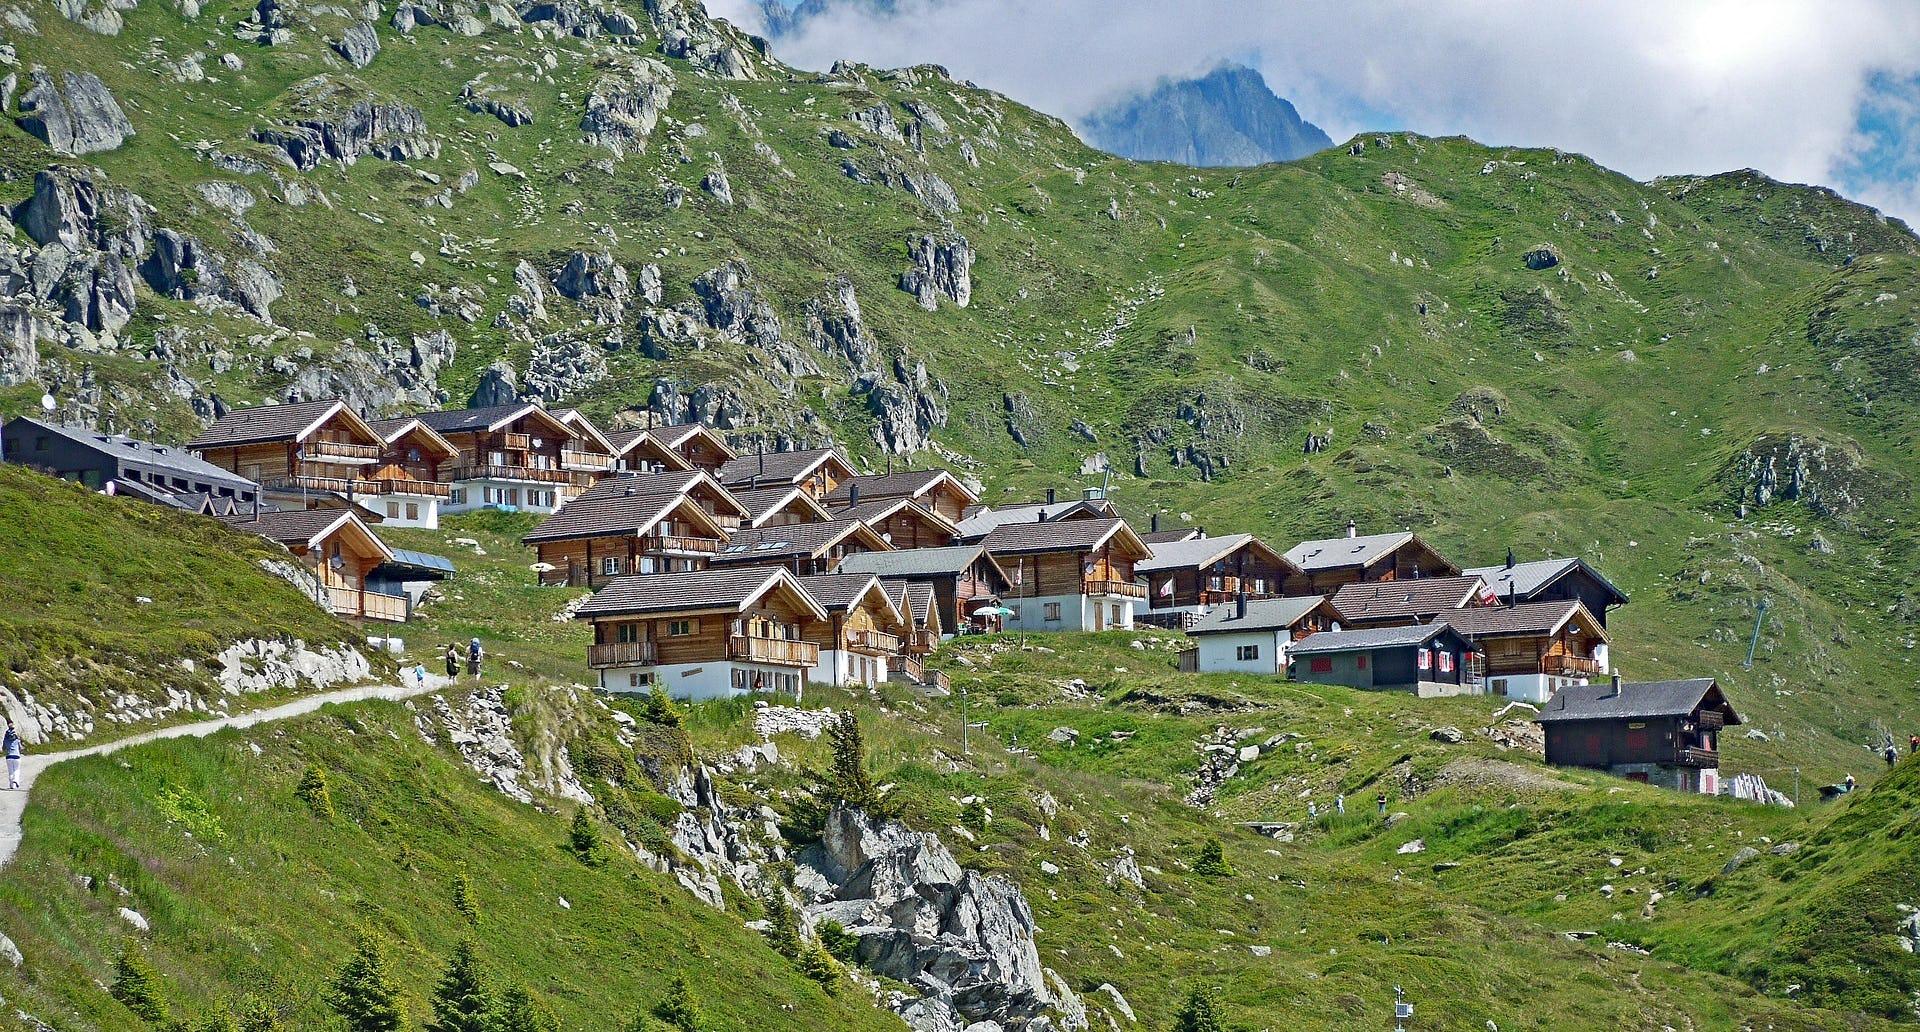 Blatten Wallis Ferienreise Ramsauer Carreisen